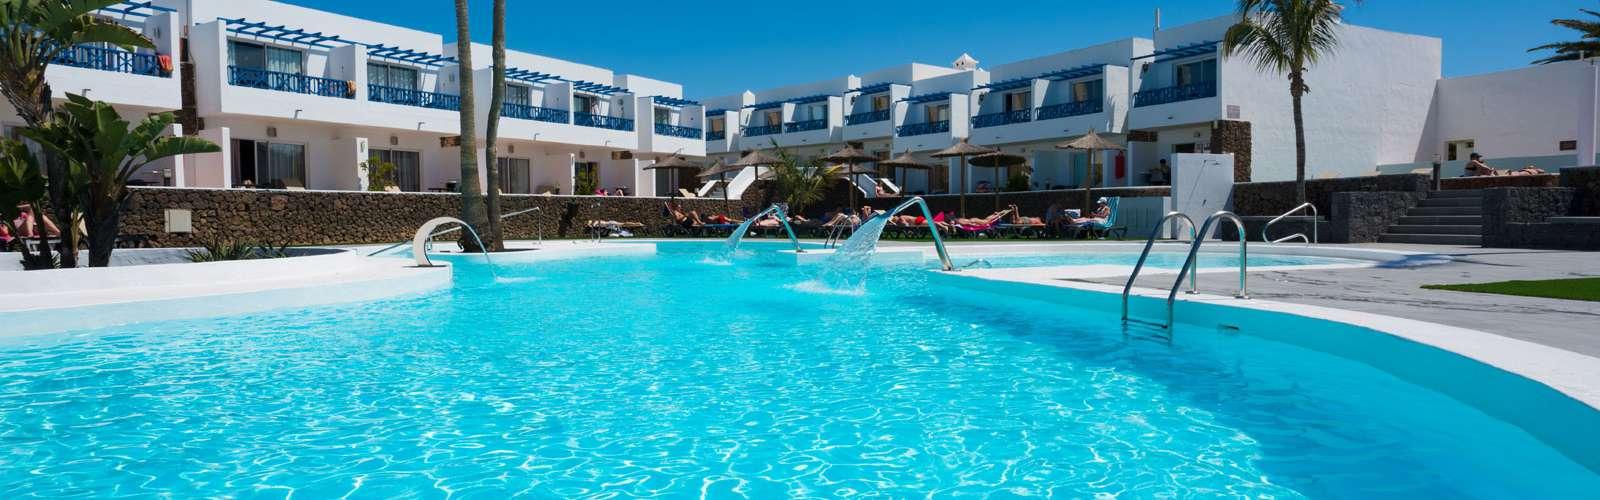 Teguise Lanzarote | Club Sirodo - Lanzarote